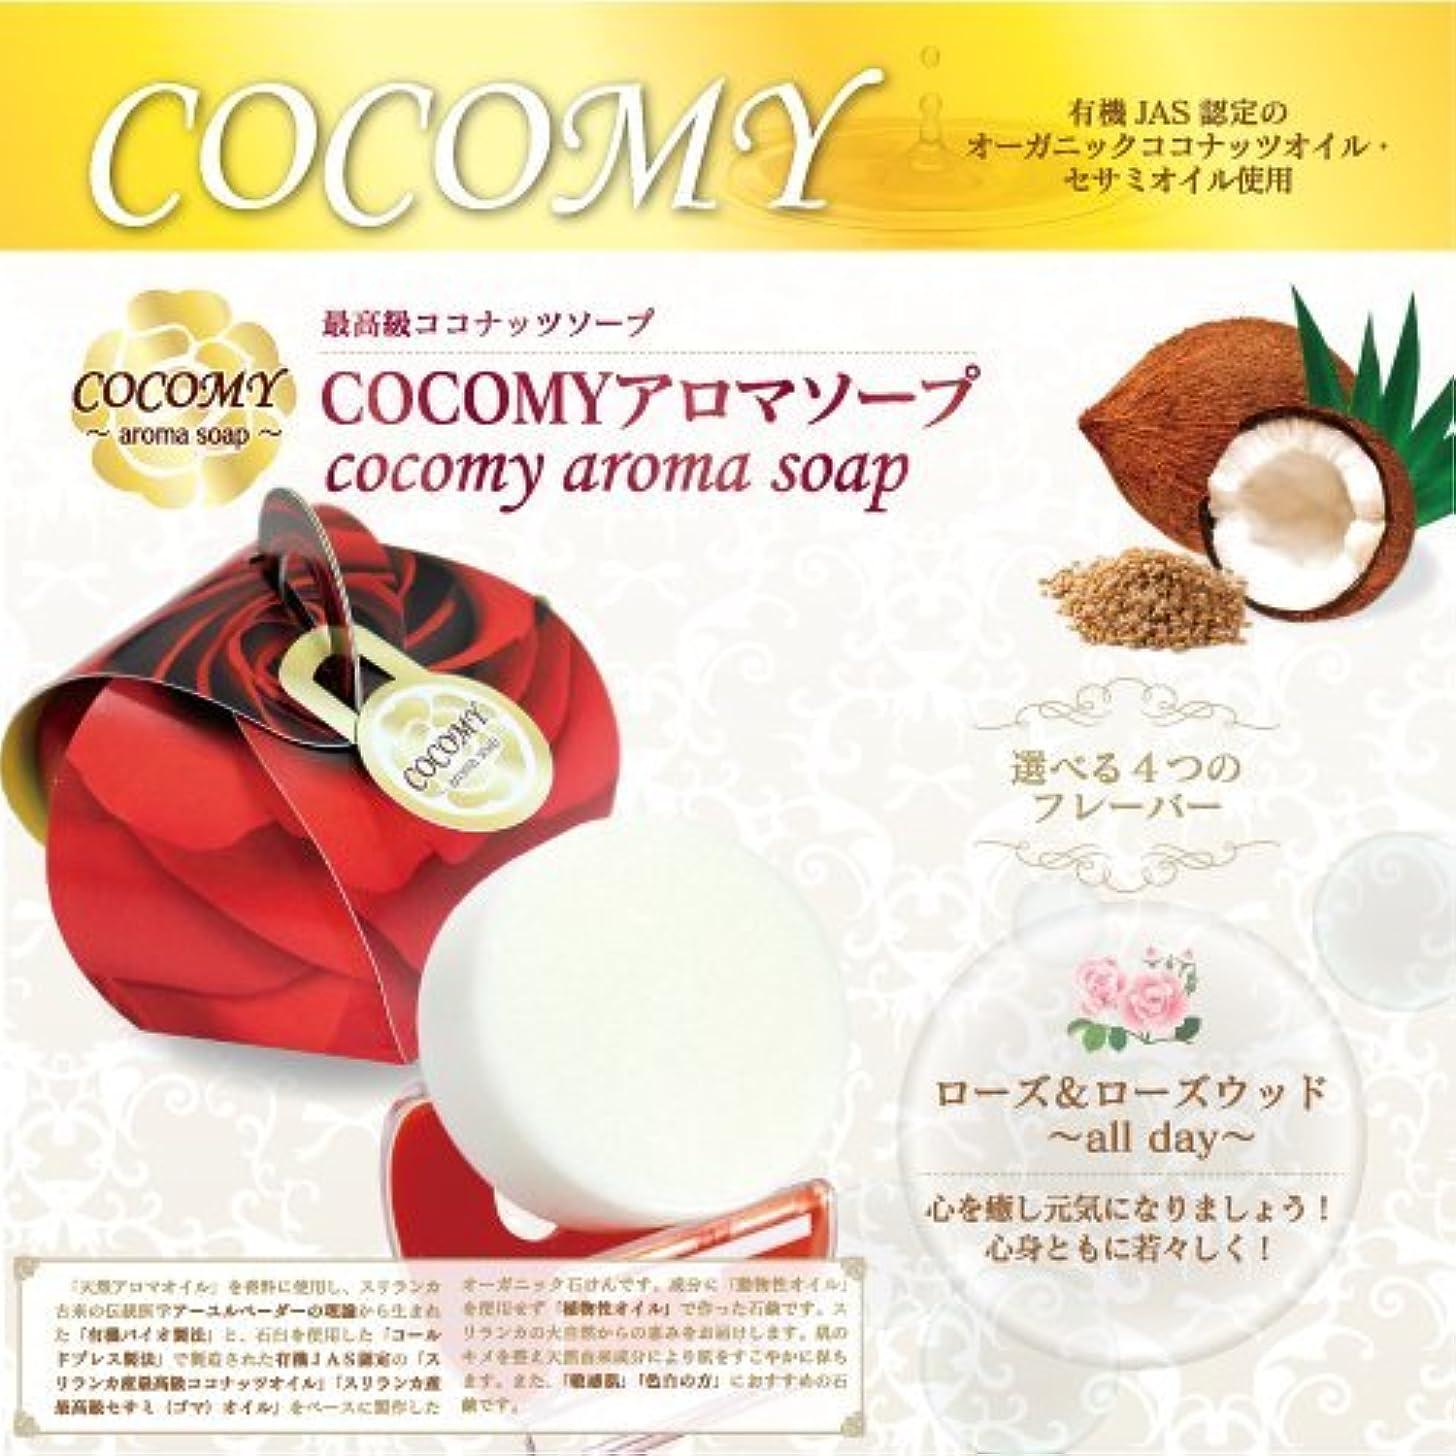 不誠実凍った融合COCOMY aromaソープ 2個セット (ローズ&ローズウッド) 40g×2